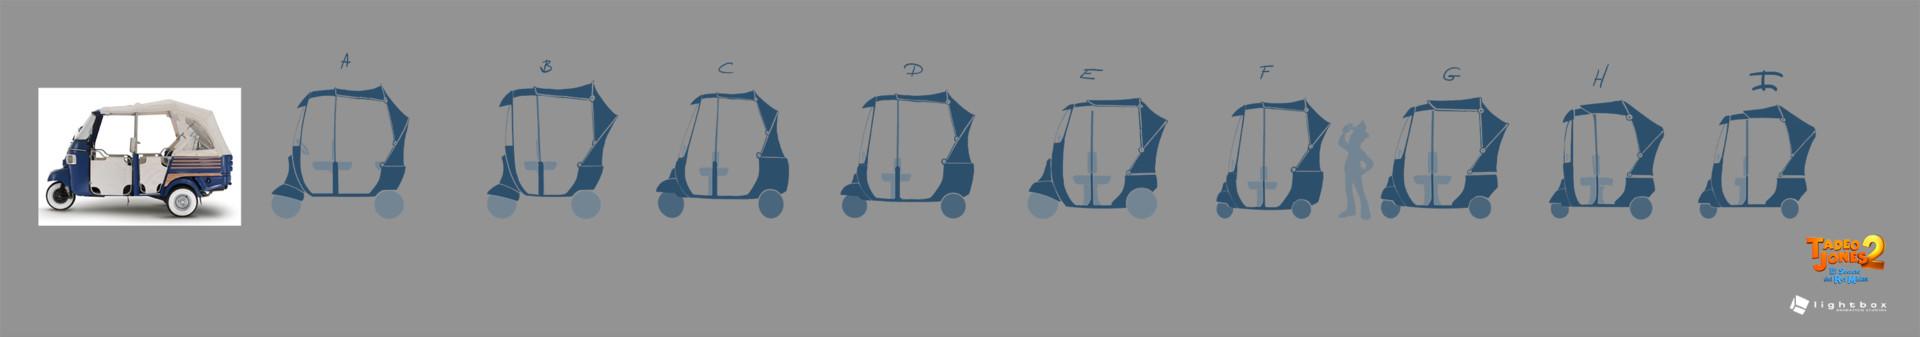 Angel oromendia rickshawsiiluette